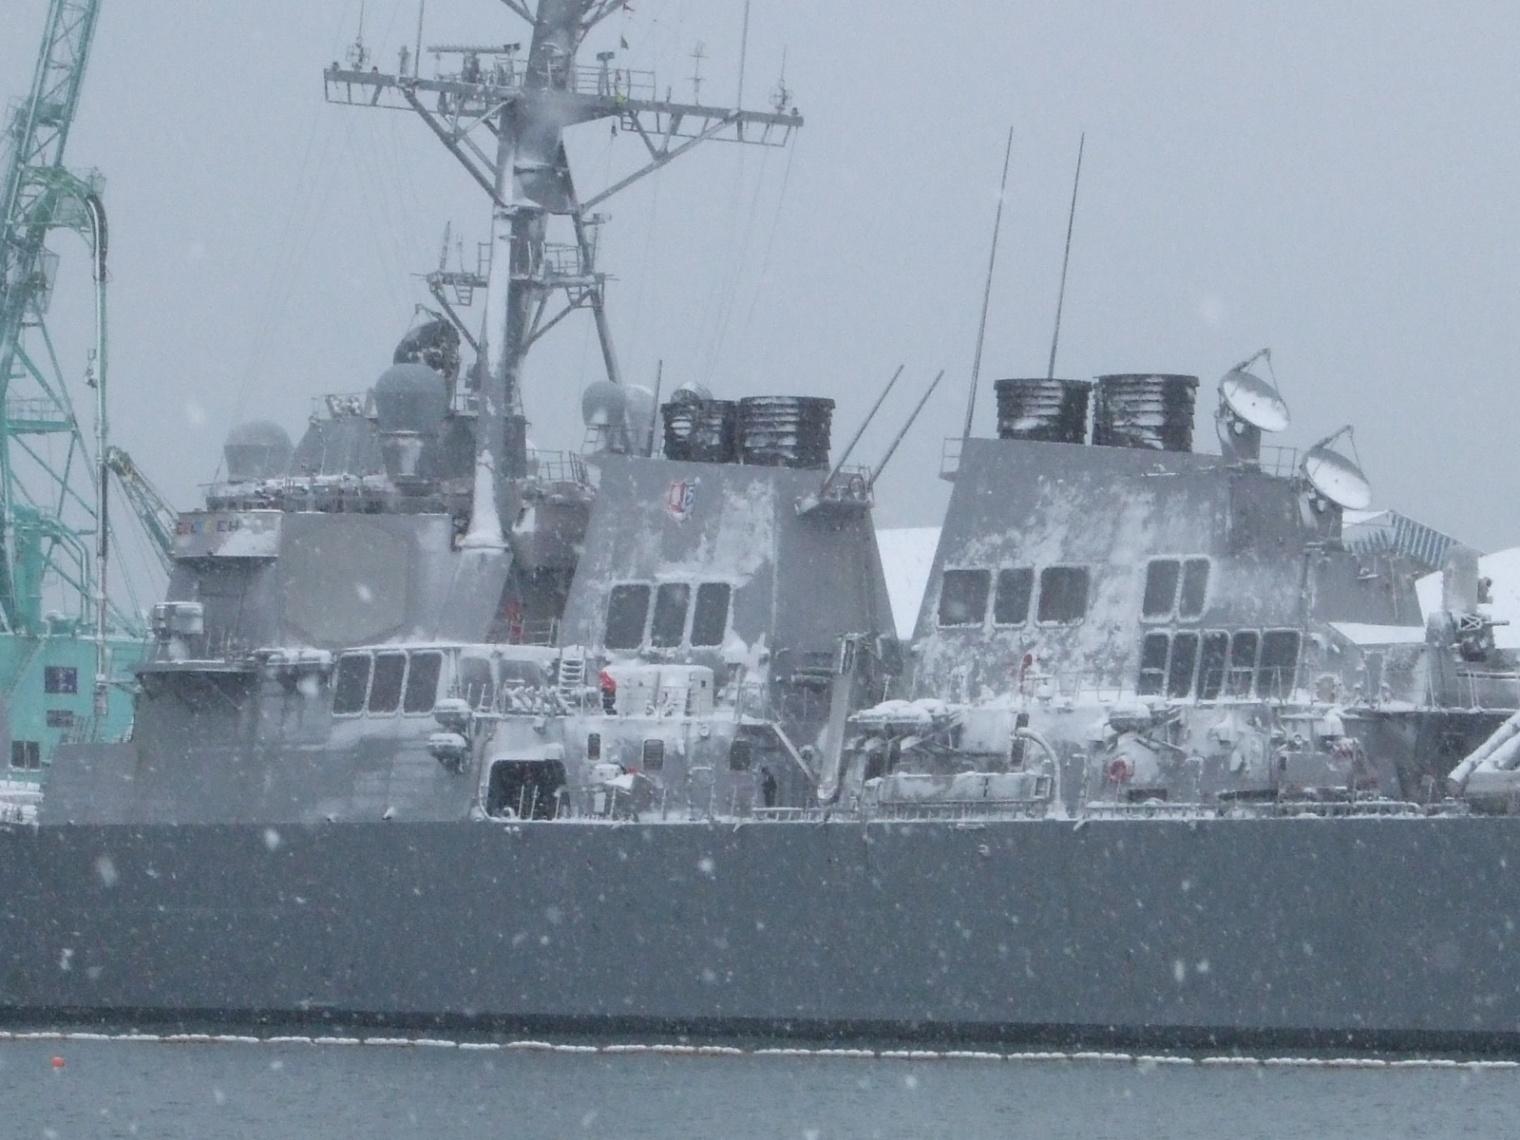 901) 小樽港 「米国第7艦隊所属 イージス駆逐艦『フィッツジェラルド』」 2009年2月8日_f0126829_12254894.jpg